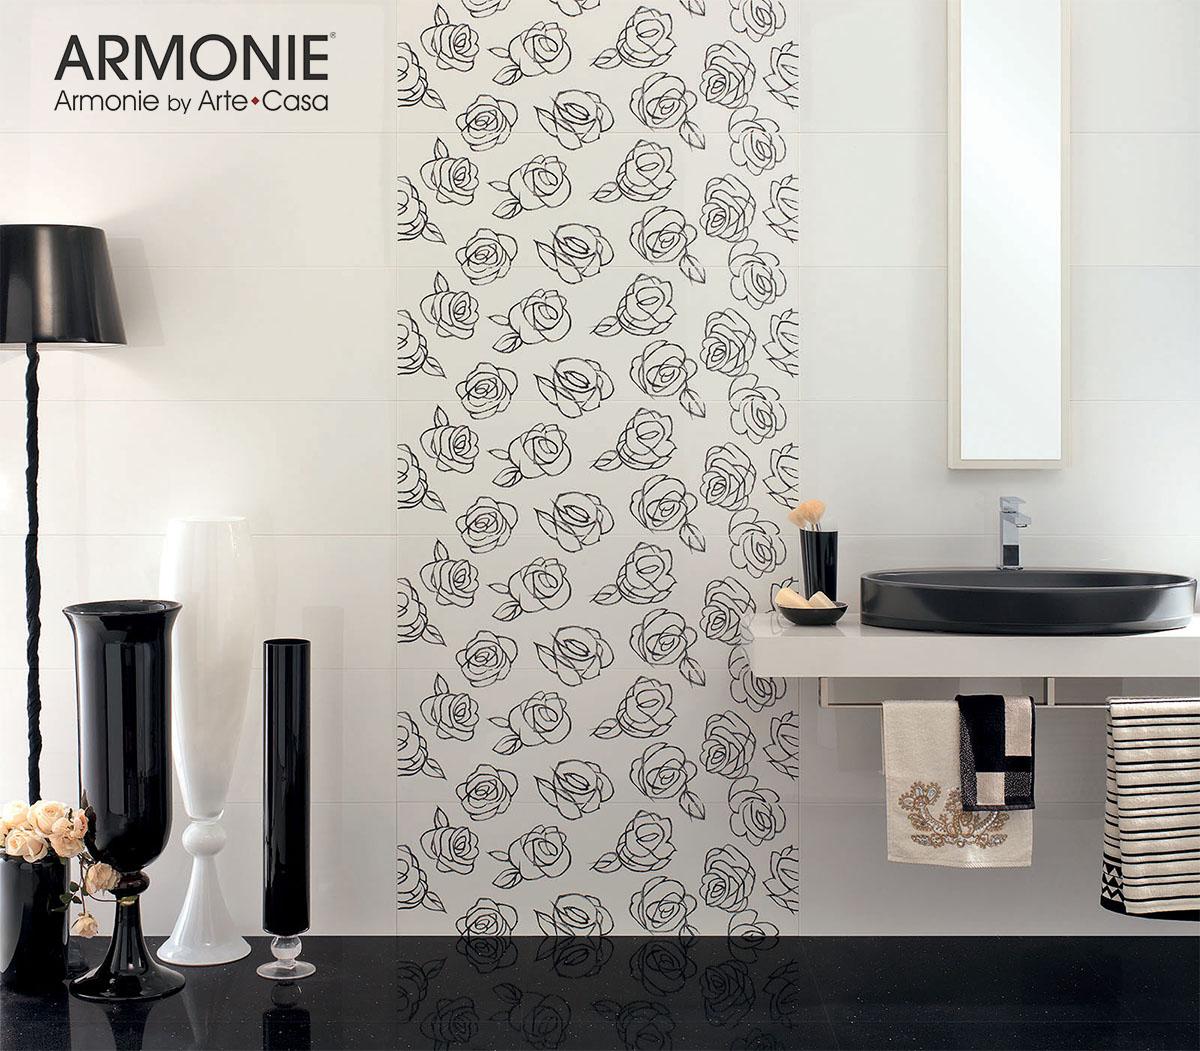 Bianco e nero purezza e armonia per rinnovare la tua casa for Rinnovare la casa